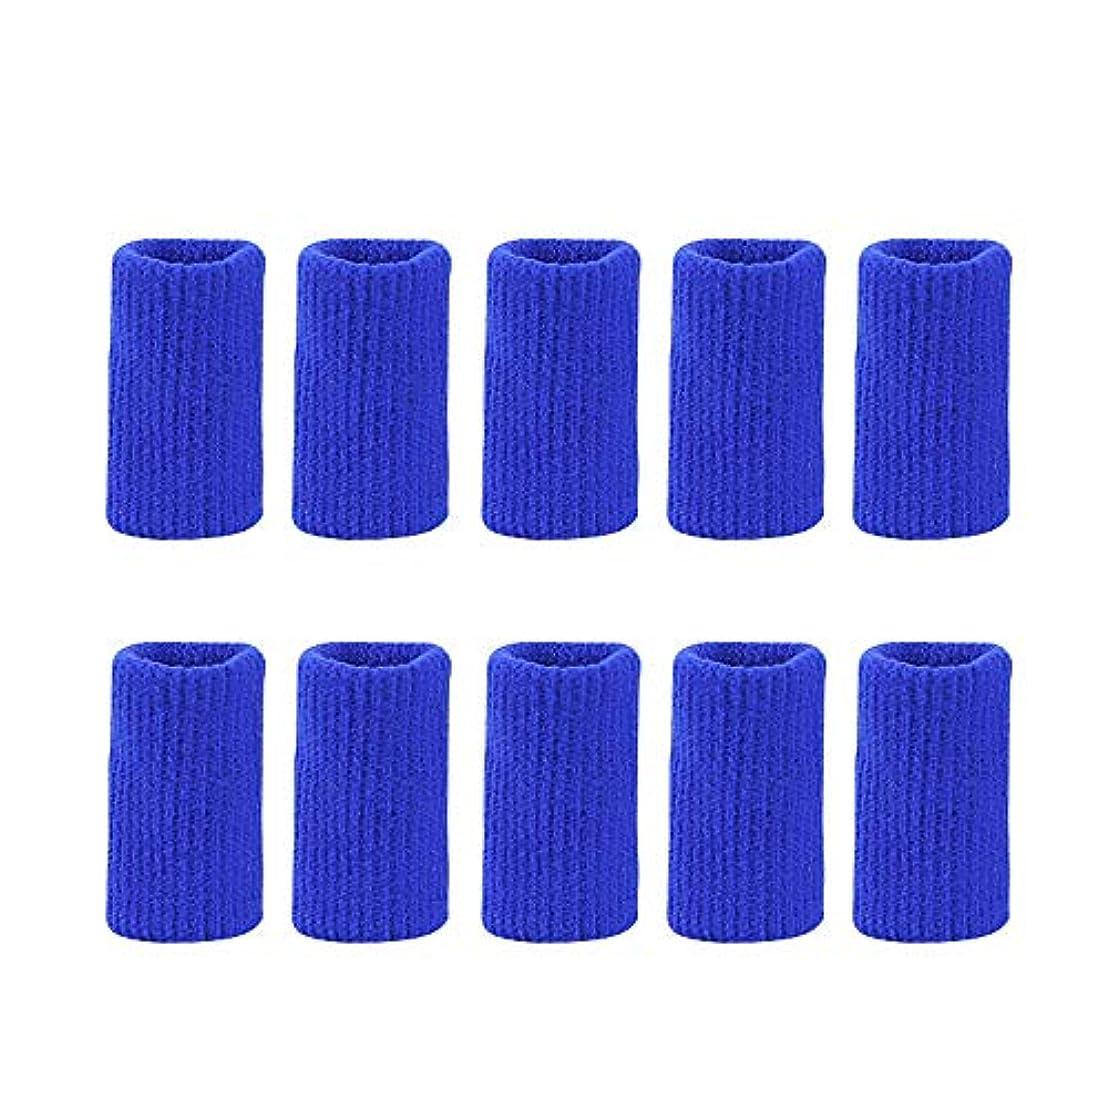 論文酸化物定規フィンガープロテクタースリーブナイロンニットフィンガージョイントカバー防止摩擦関節炎伸縮サポートスポーツ補助バスケットボールフィンガーガード,ブルー